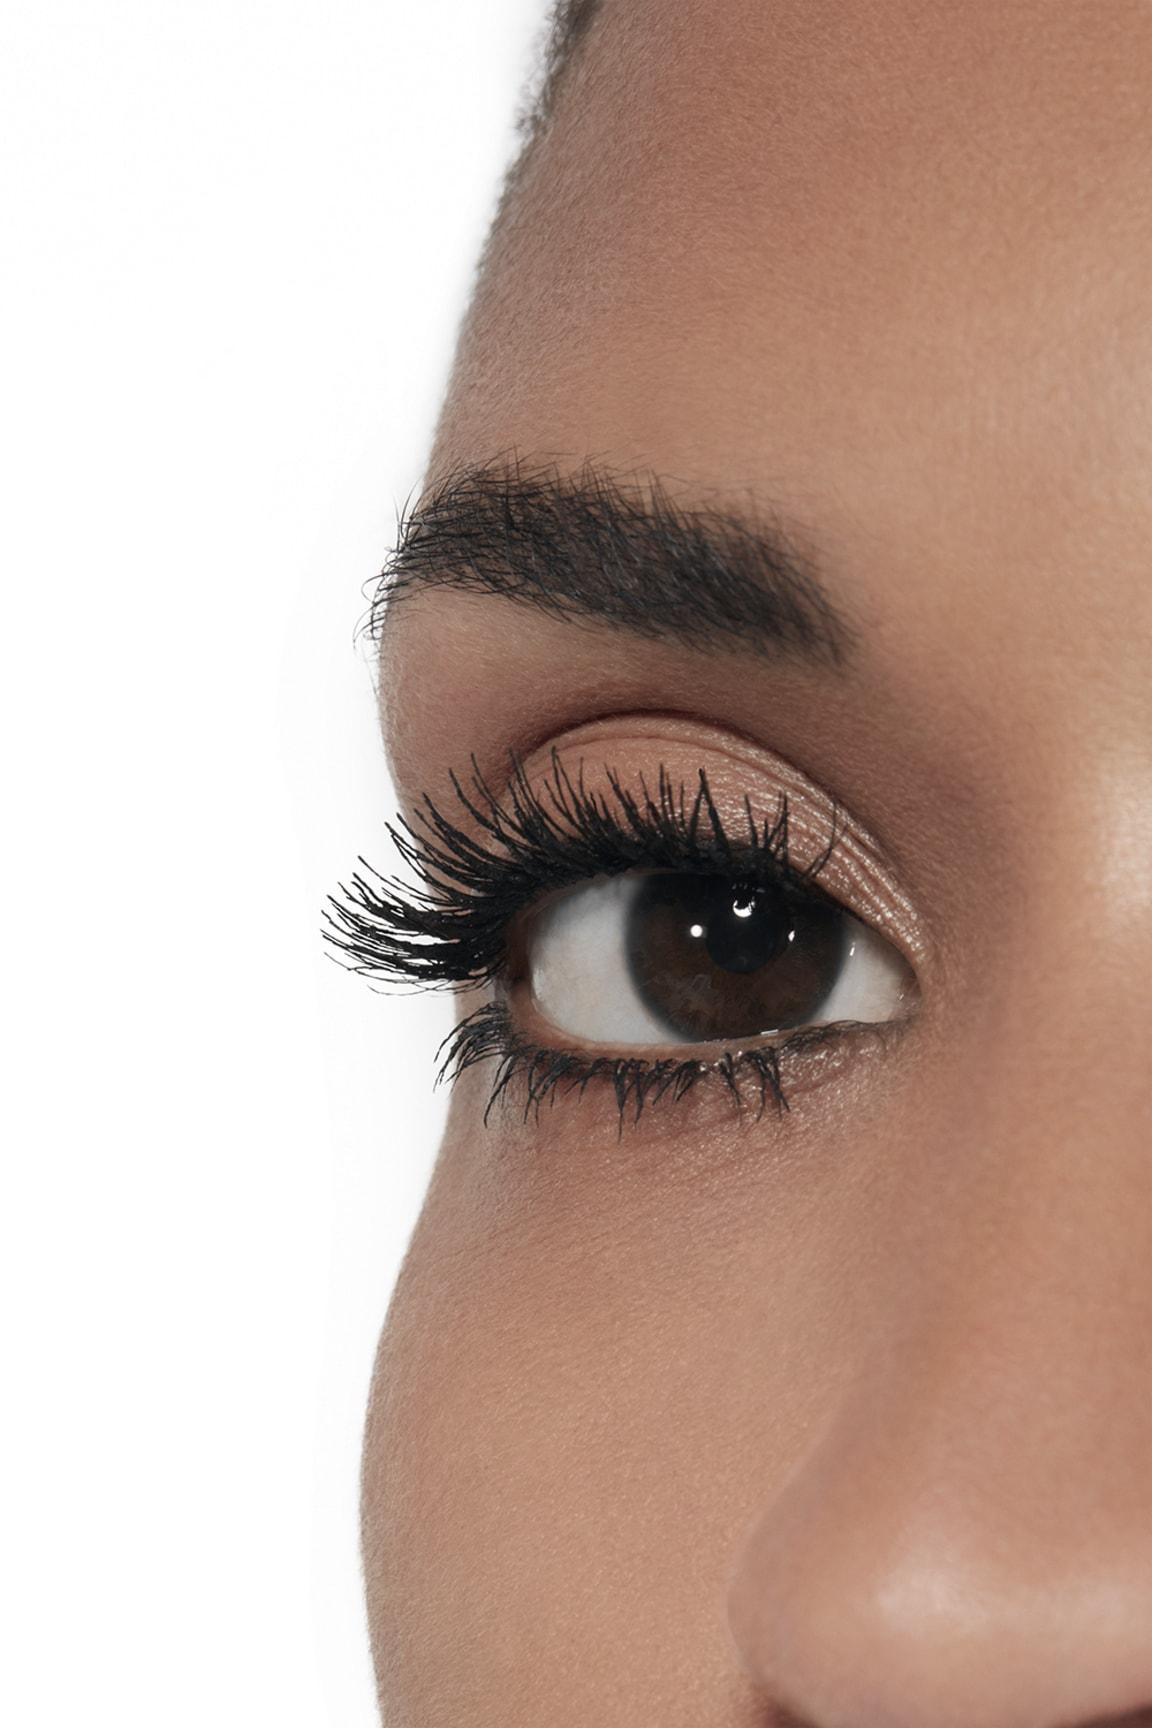 Toepassing make-up visual 2 - LE VOLUME RÉVOLUTION DE CHANEL 10 - NOIR